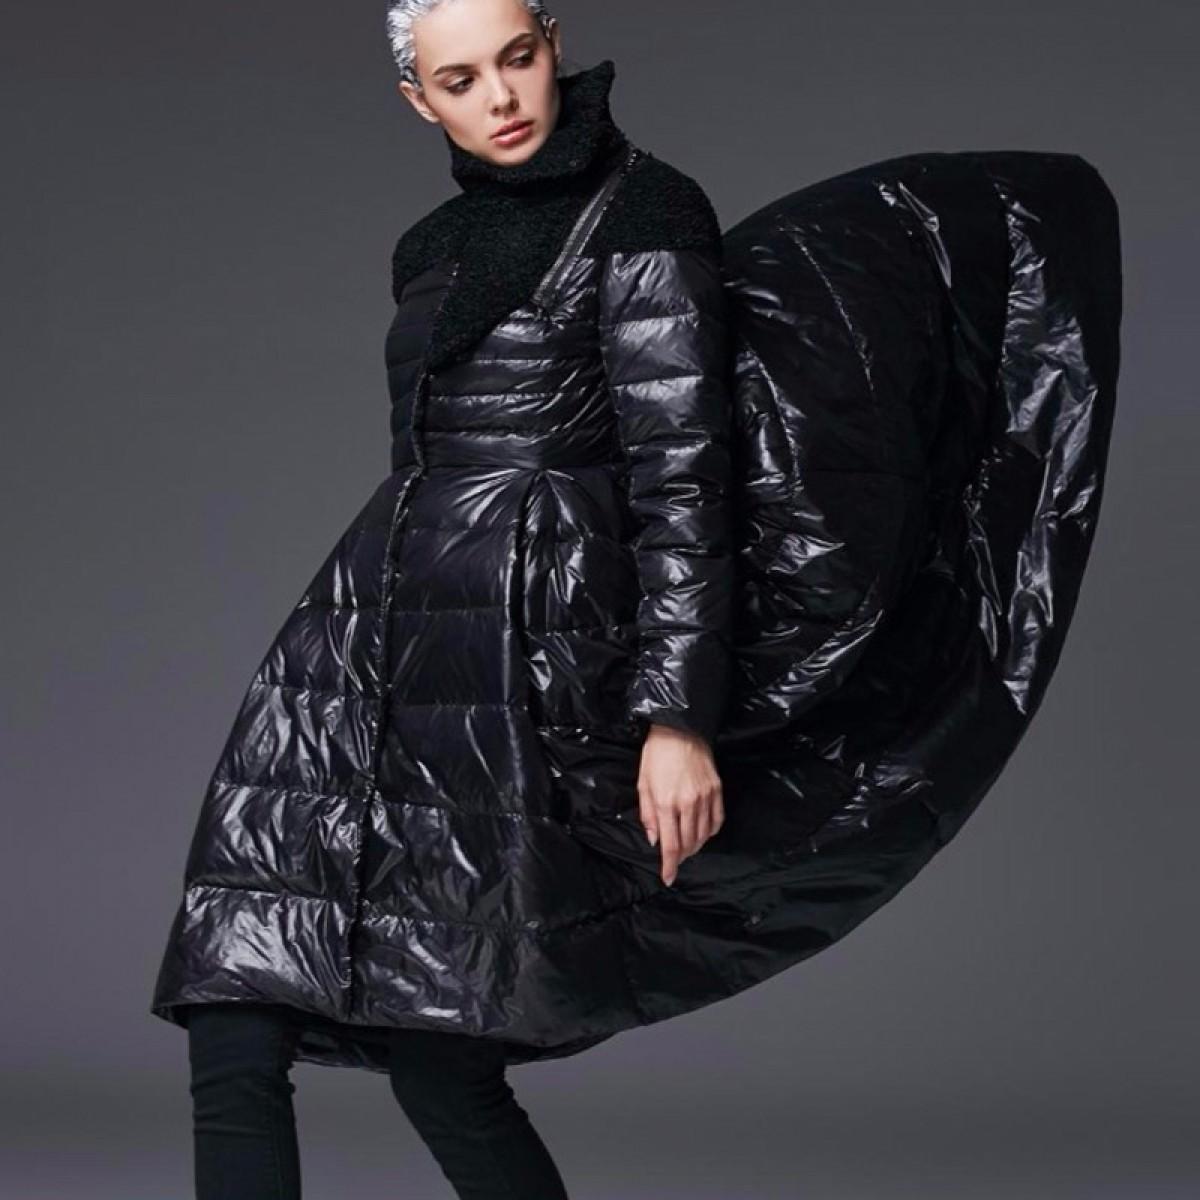 зимний черный пуховик с пышной юбкой удлиненной сзади элегантный женственный образ 3DIMENSIONS